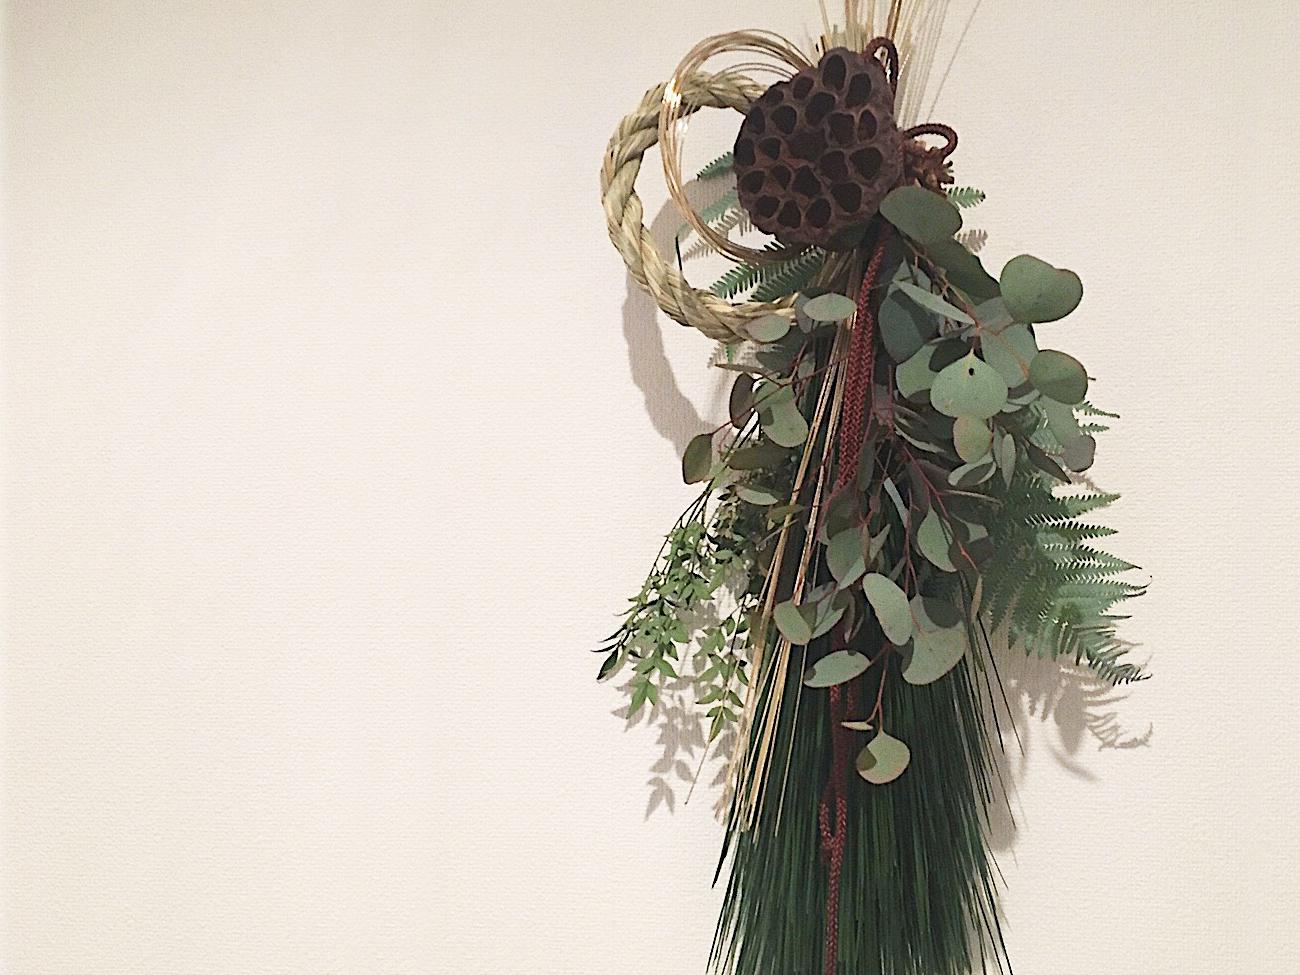 新年のおもてなしに!花とグリーンのお正月飾りづくり講座